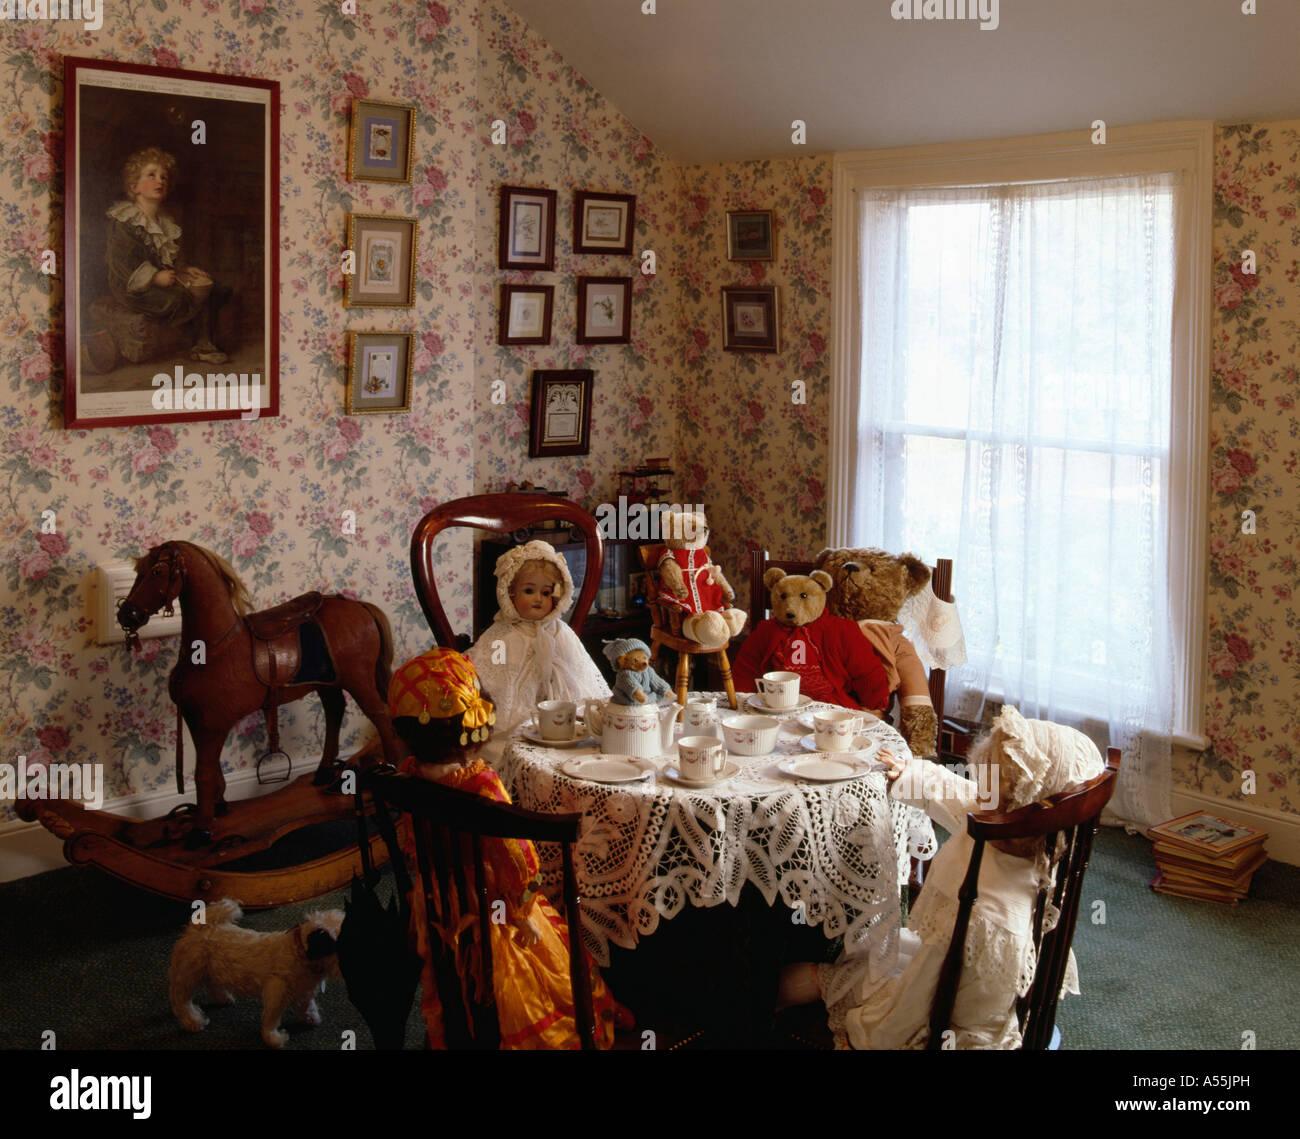 dolls teaparty dans la salle manger victorienne avec papier peint fleuri